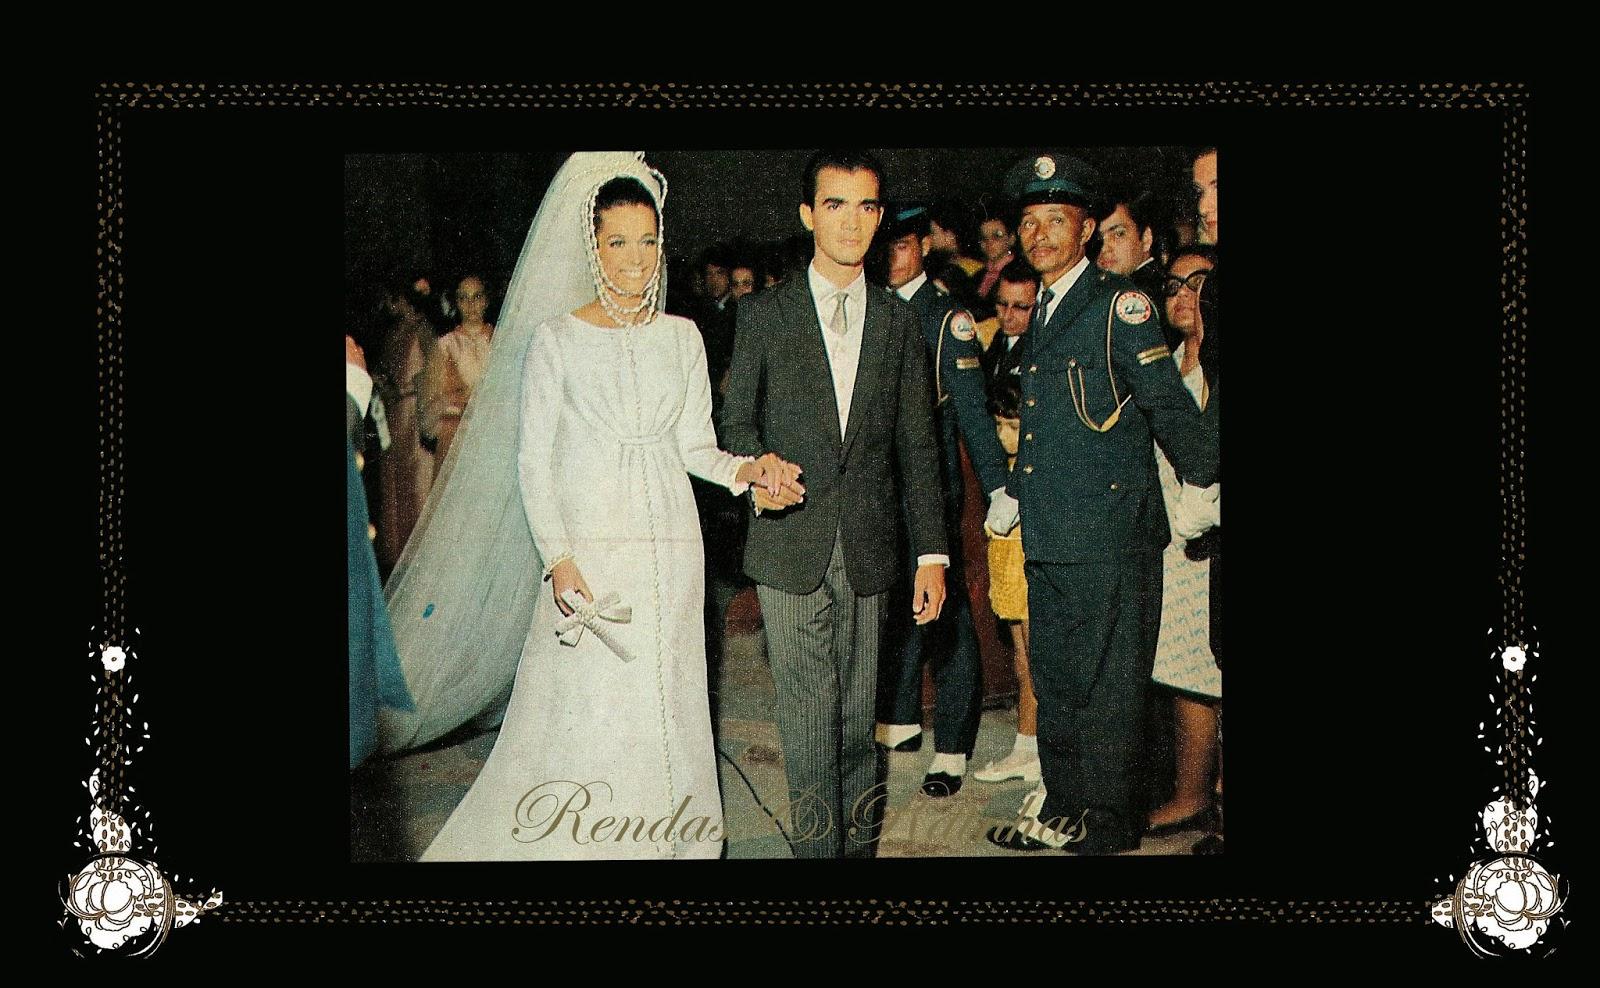 ☽ ✮ ✯ ✰ ☆ ☁ Galeria de Martha Vasconcelos, Miss Universe 1968.☽ ✮ ✯ ✰ ☆ ☁ - Página 2 Iiiuir